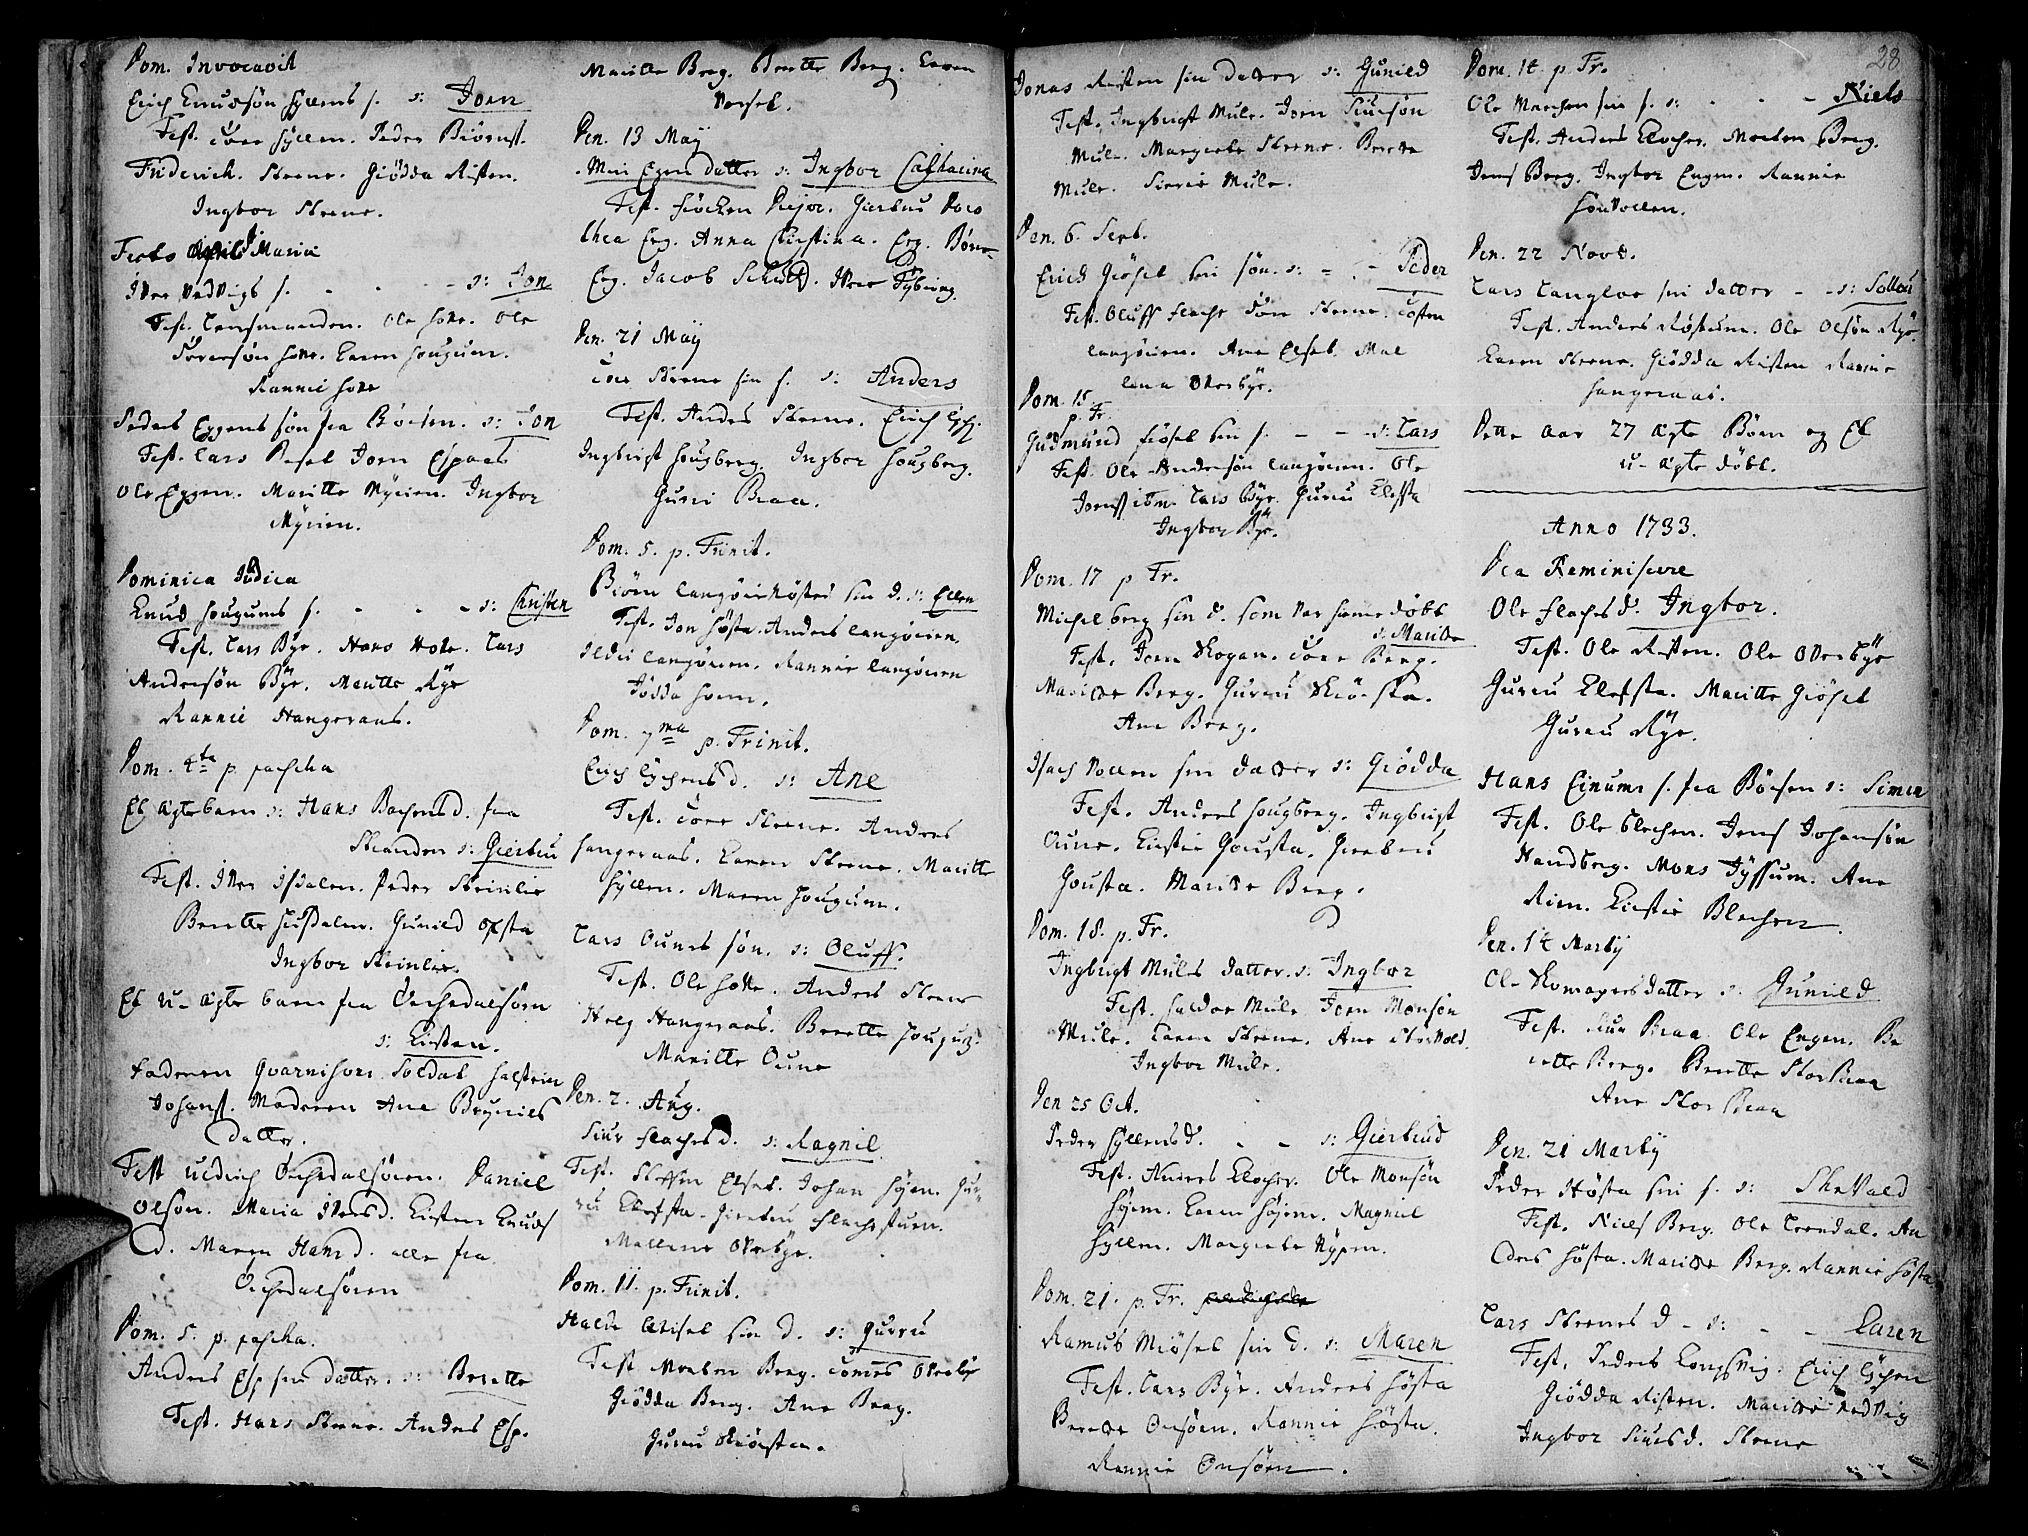 SAT, Ministerialprotokoller, klokkerbøker og fødselsregistre - Sør-Trøndelag, 612/L0368: Ministerialbok nr. 612A02, 1702-1753, s. 28